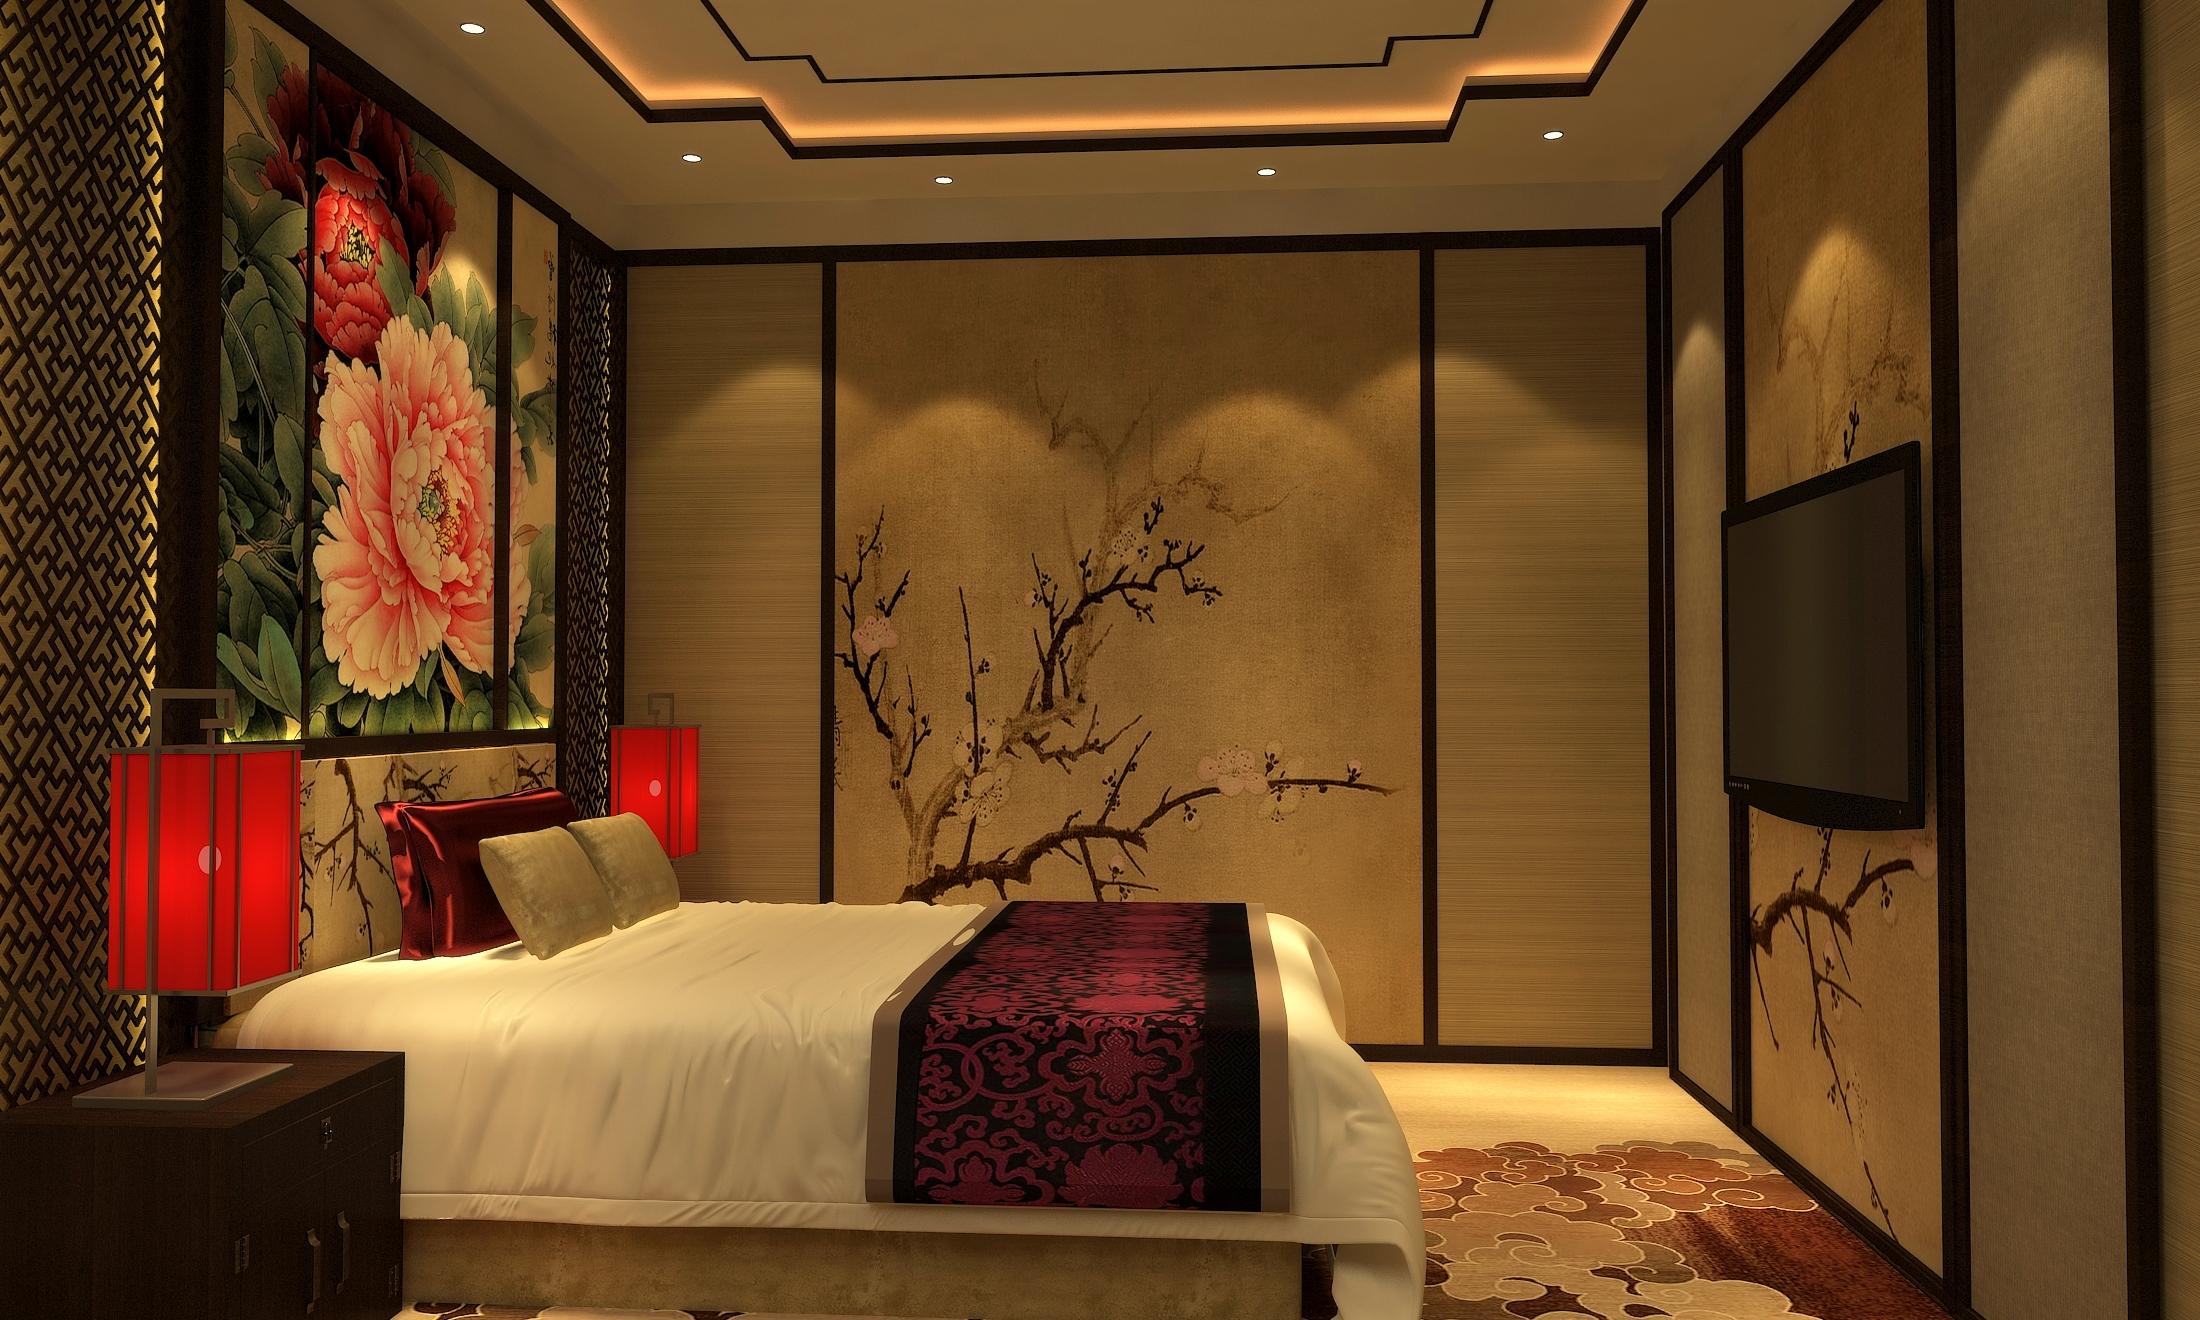 空间设计/装修设计/室内设计/办公室设计餐厅设计酒店幼儿园